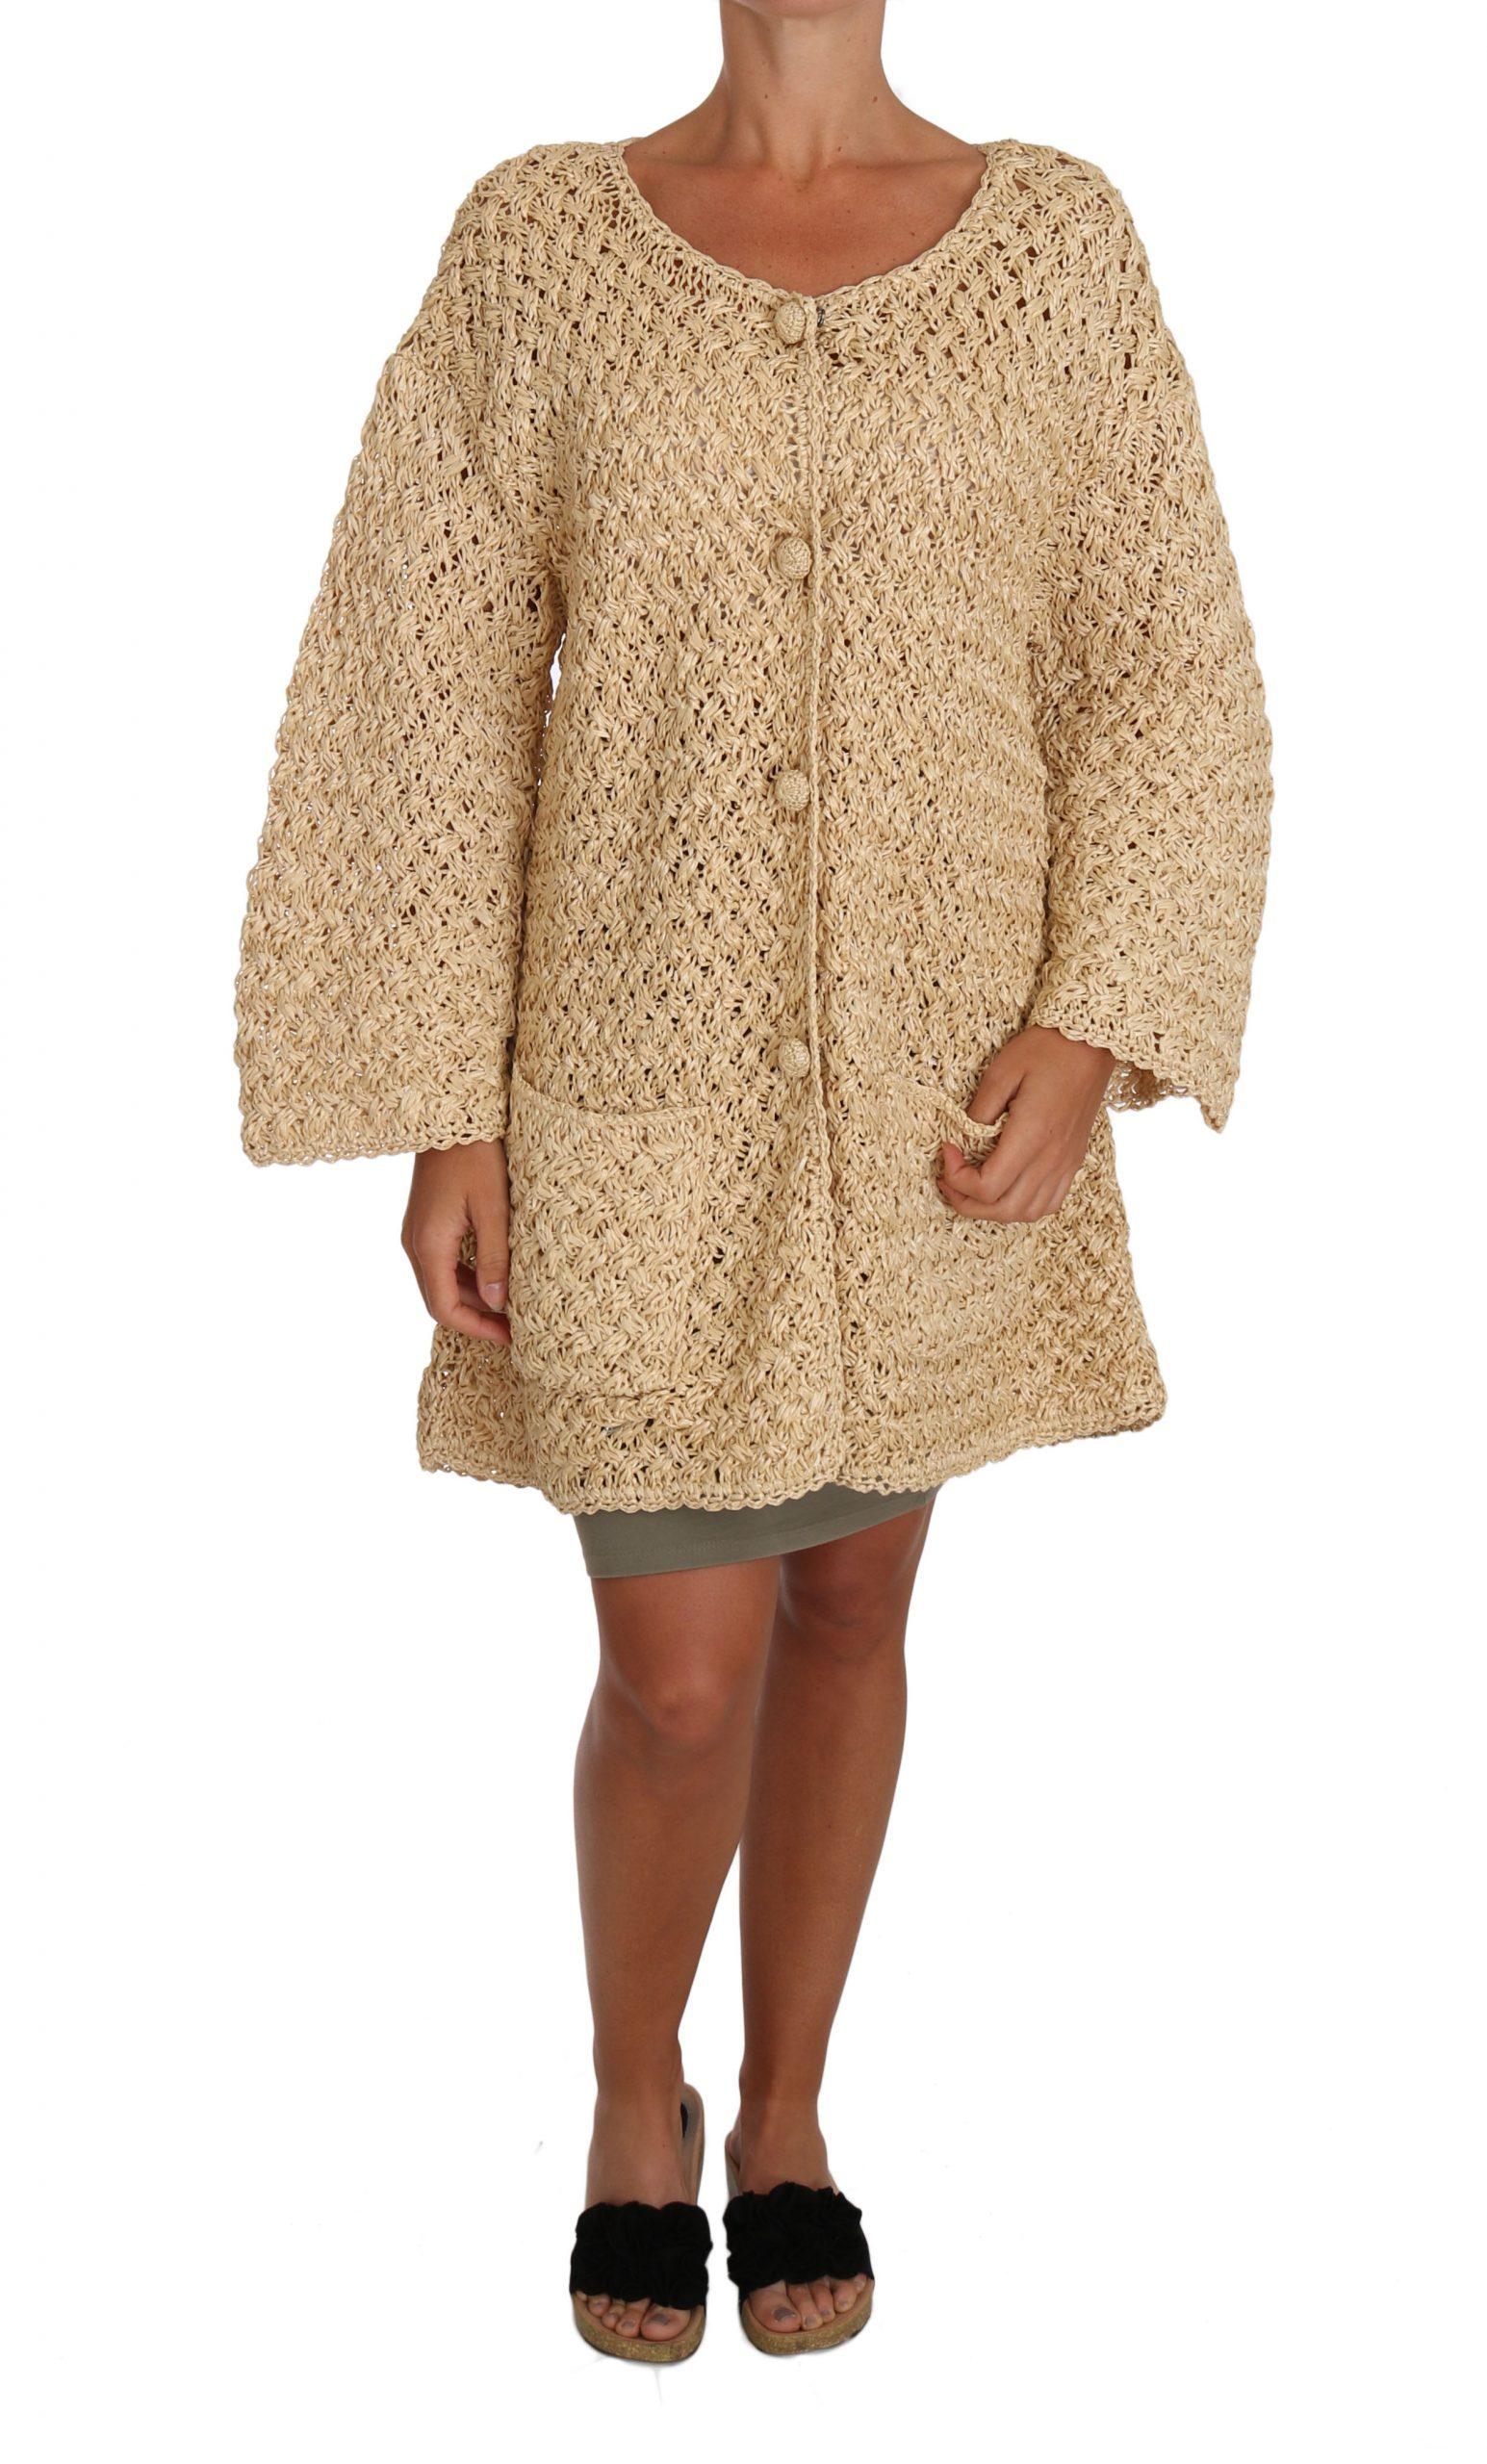 Dolce & Gabbana Women's Cardigan Beige TSH2721 - IT40 S